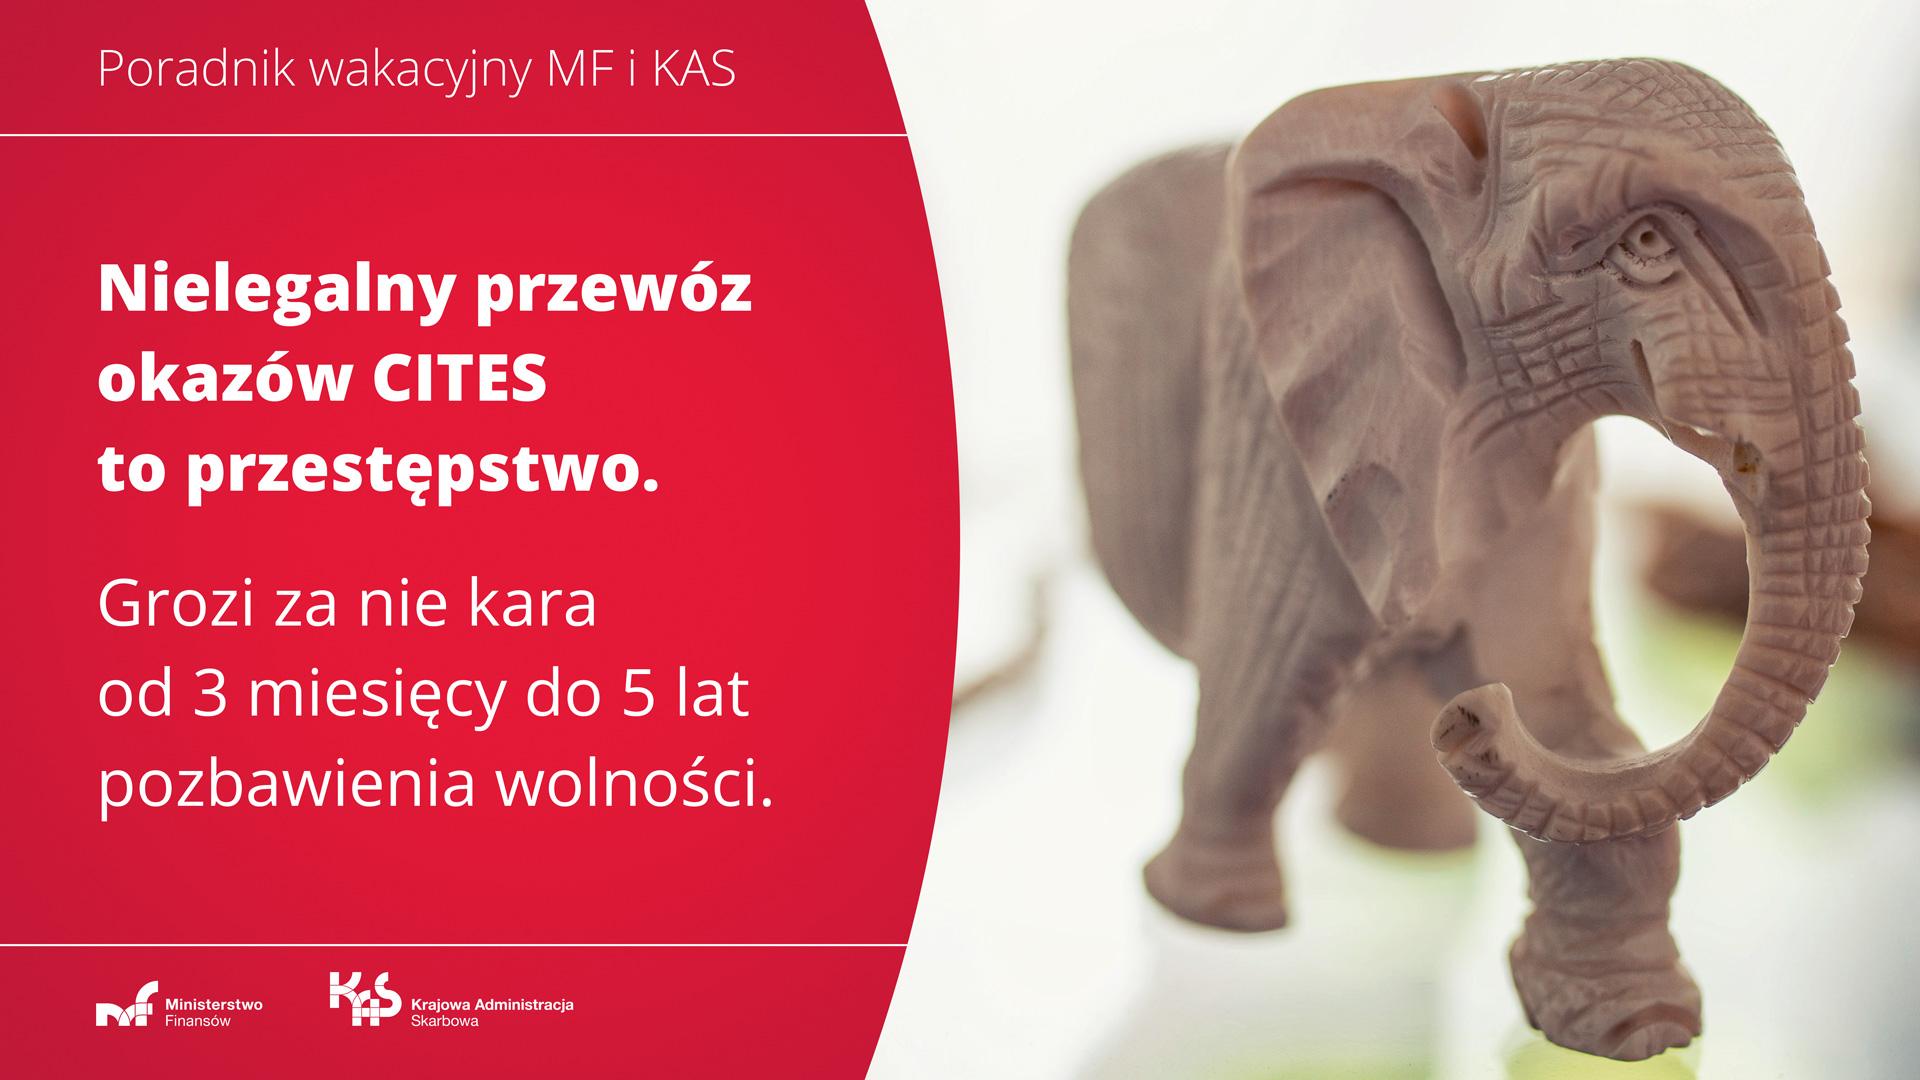 Figurka słonia zrobiona z kości słoniowej. Napis: Nielegalny przewóz okazów to przestępstwo. Grozi za nie kara od 3 miesięcy do 5 lat pozbawienia wolności.